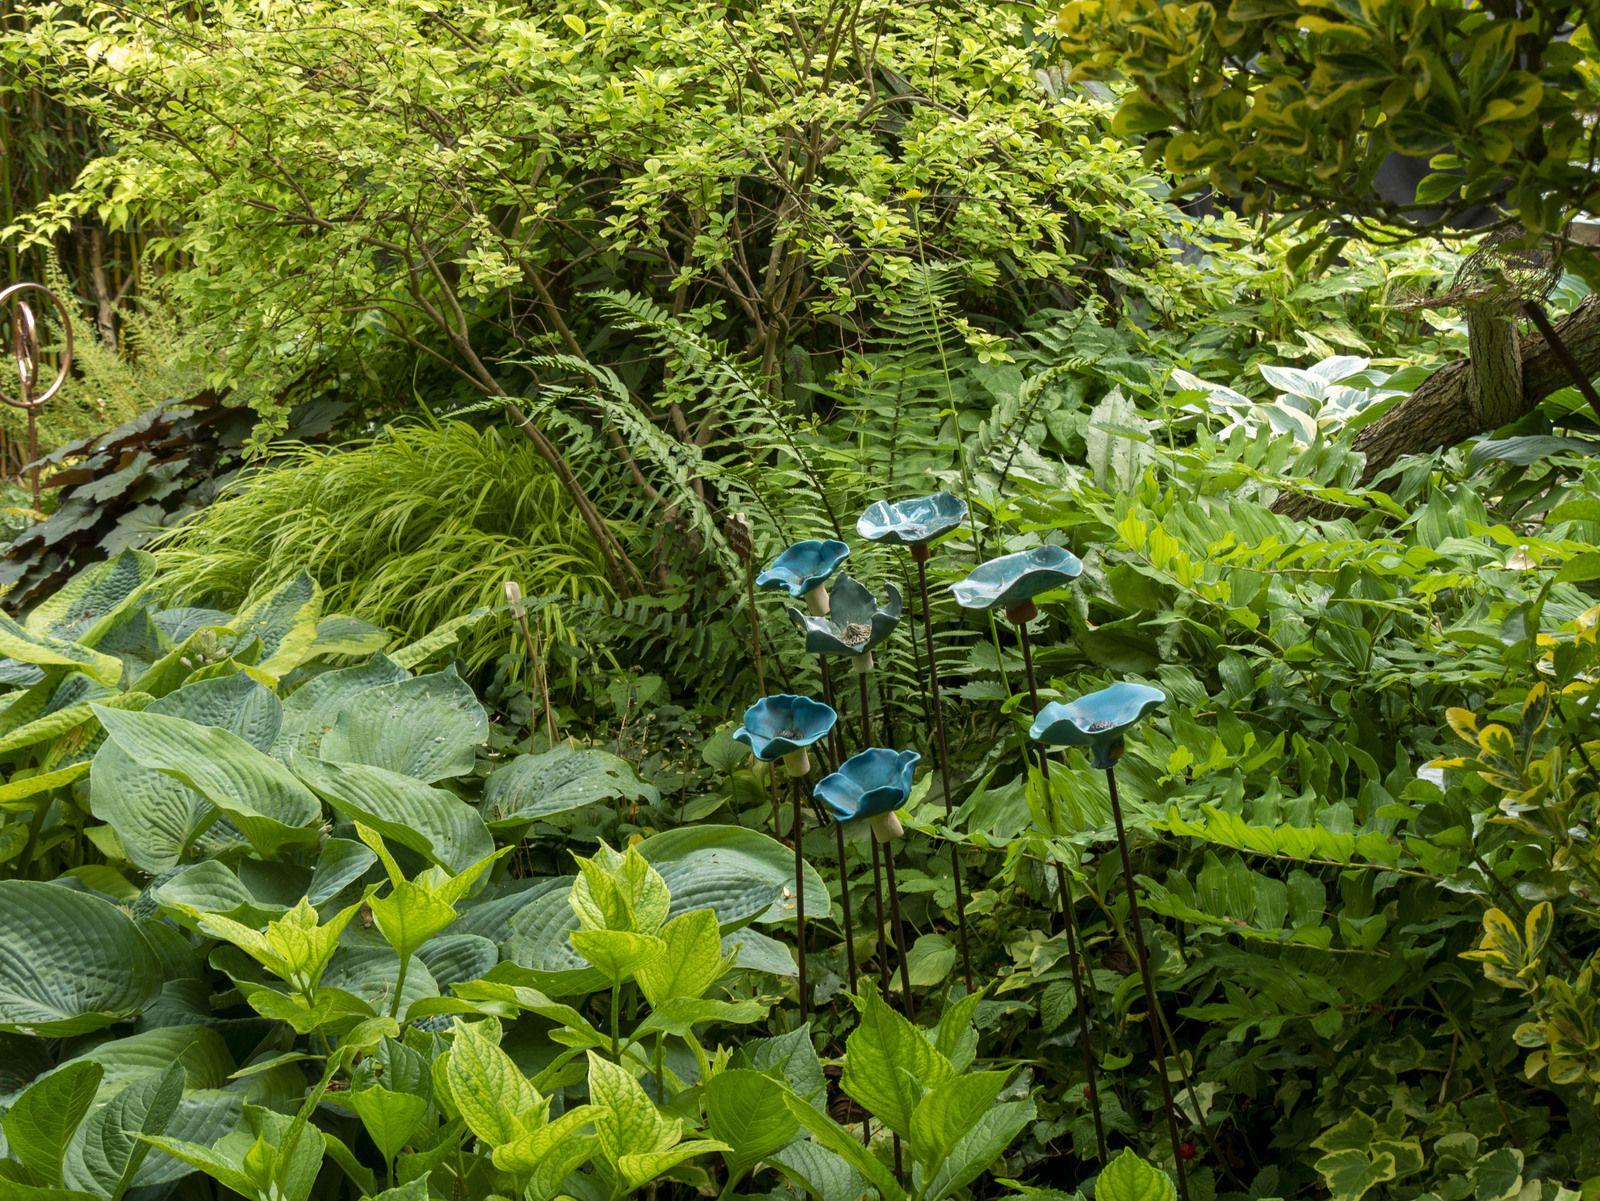 De jardin en jardin en Alsace et dans les Vosges